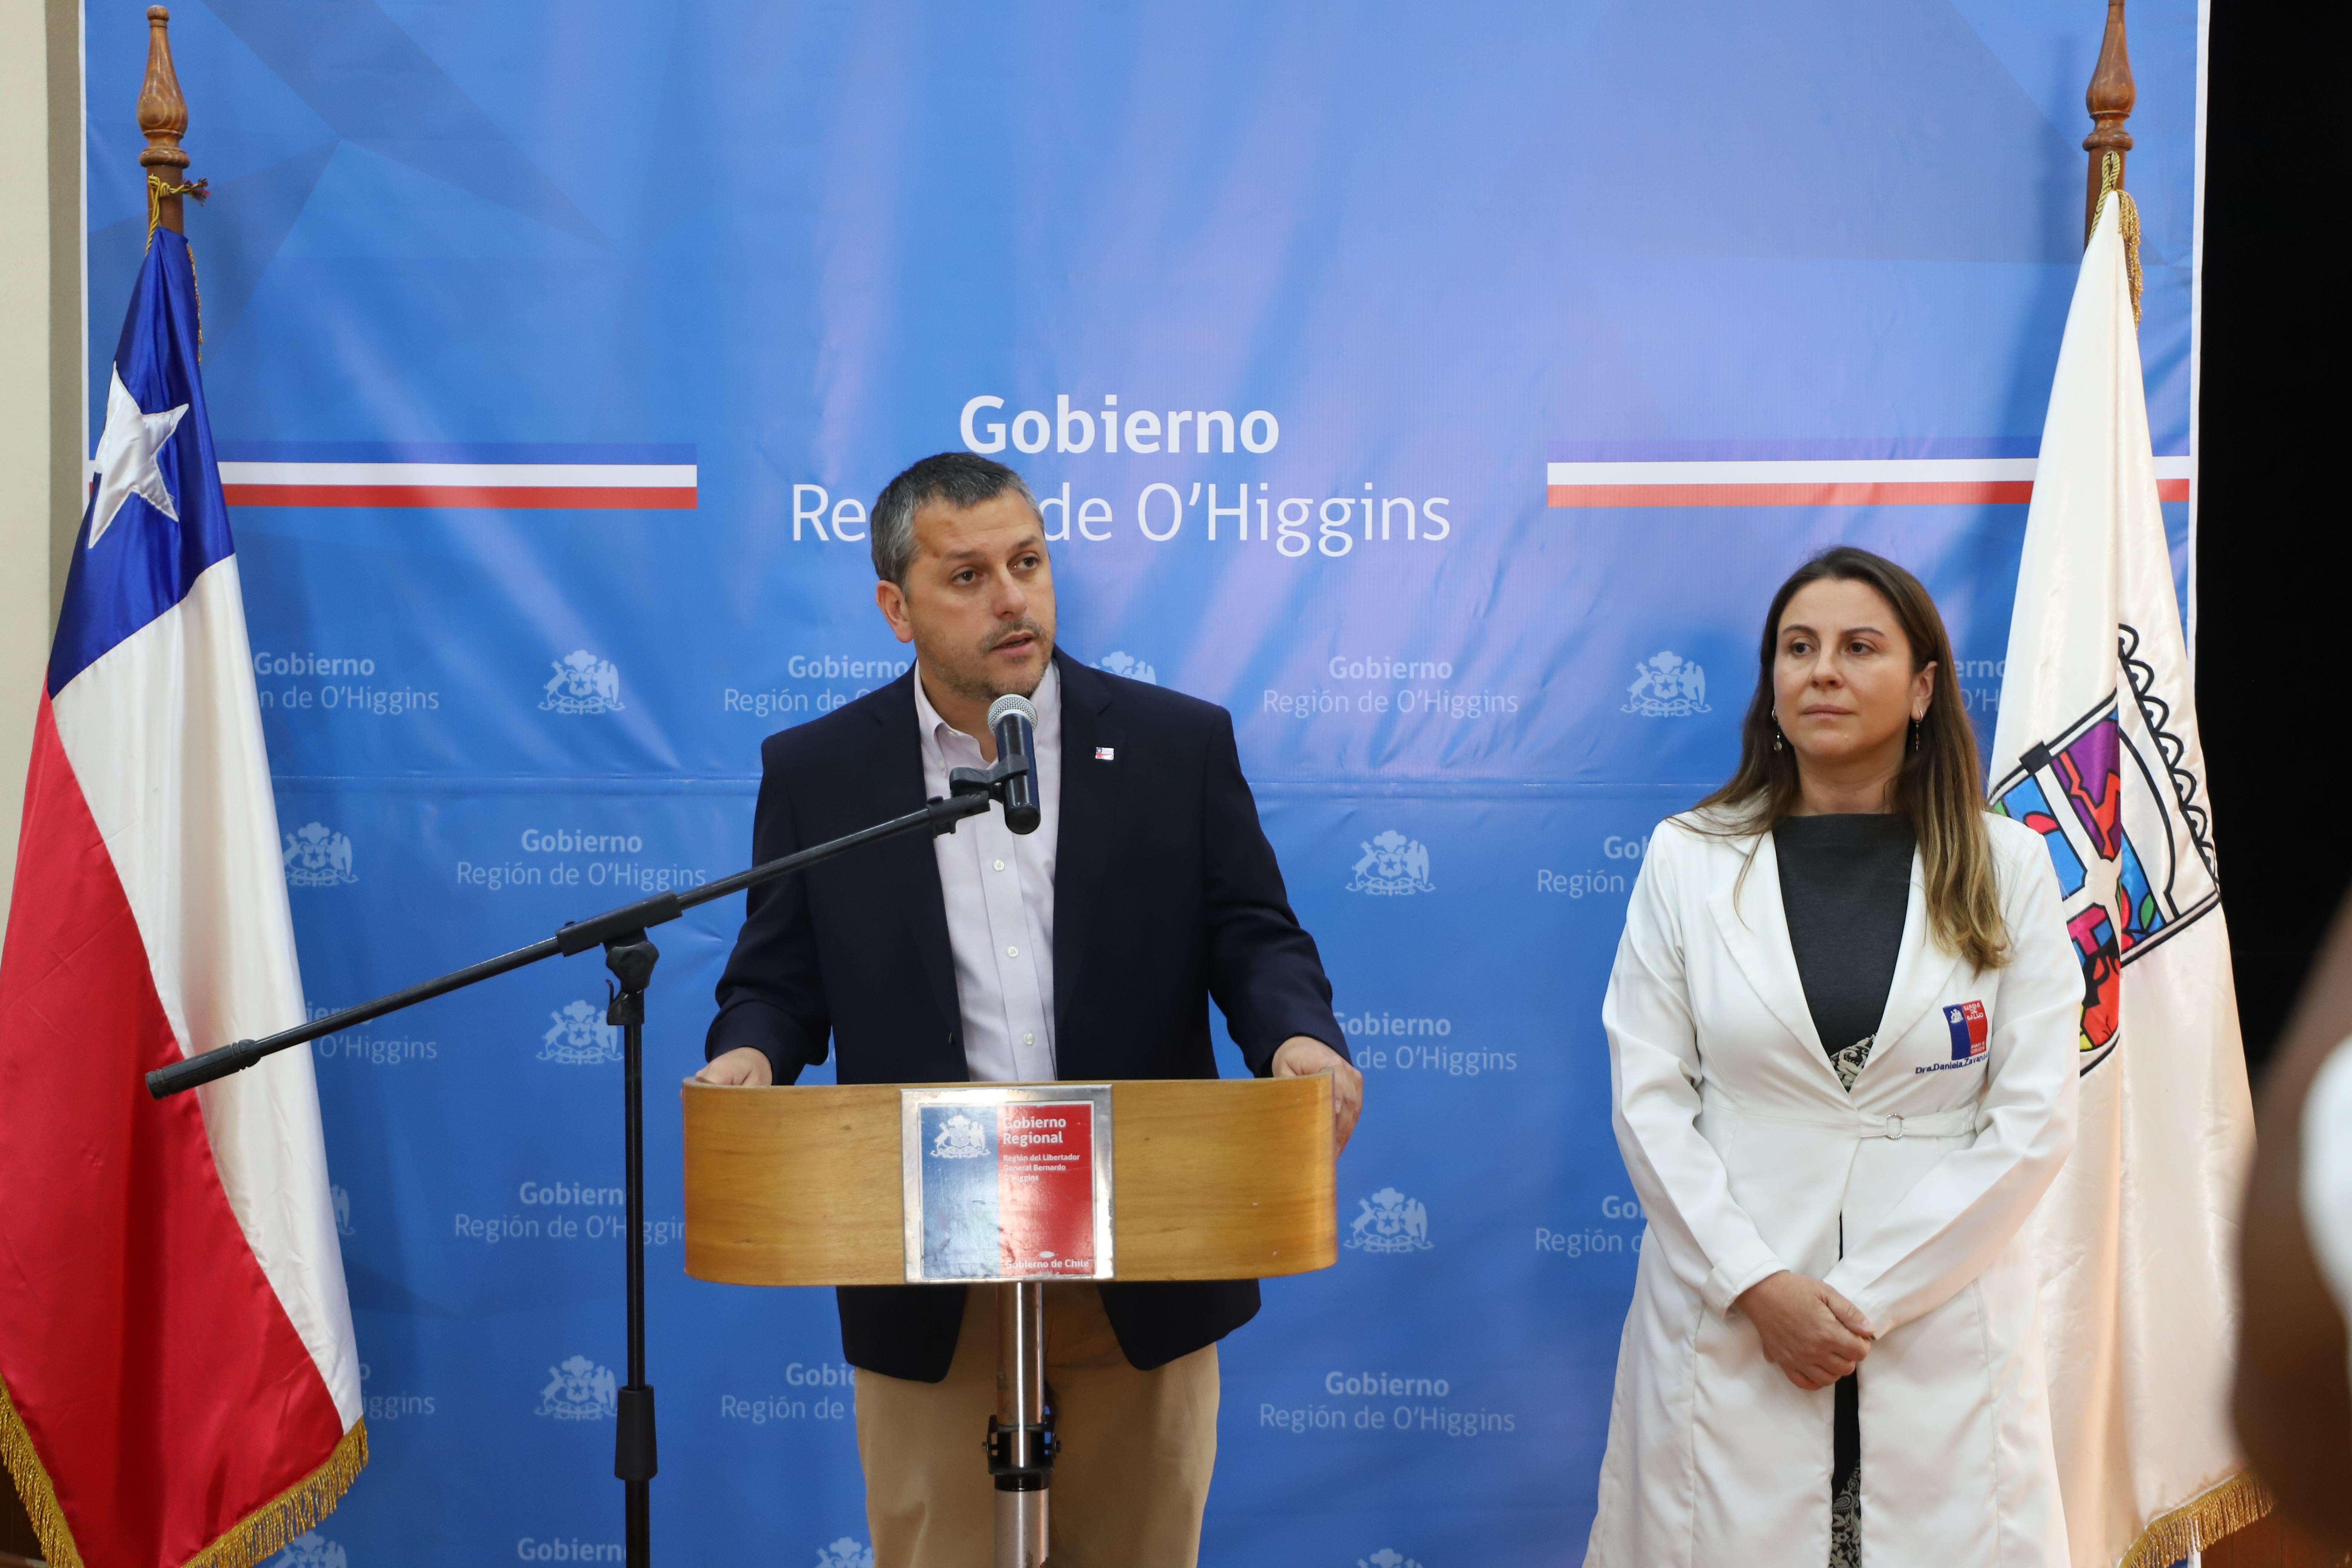 O'Higgins: Intendente Masferrer confirma dos primeros casos de Coronavirus en la región